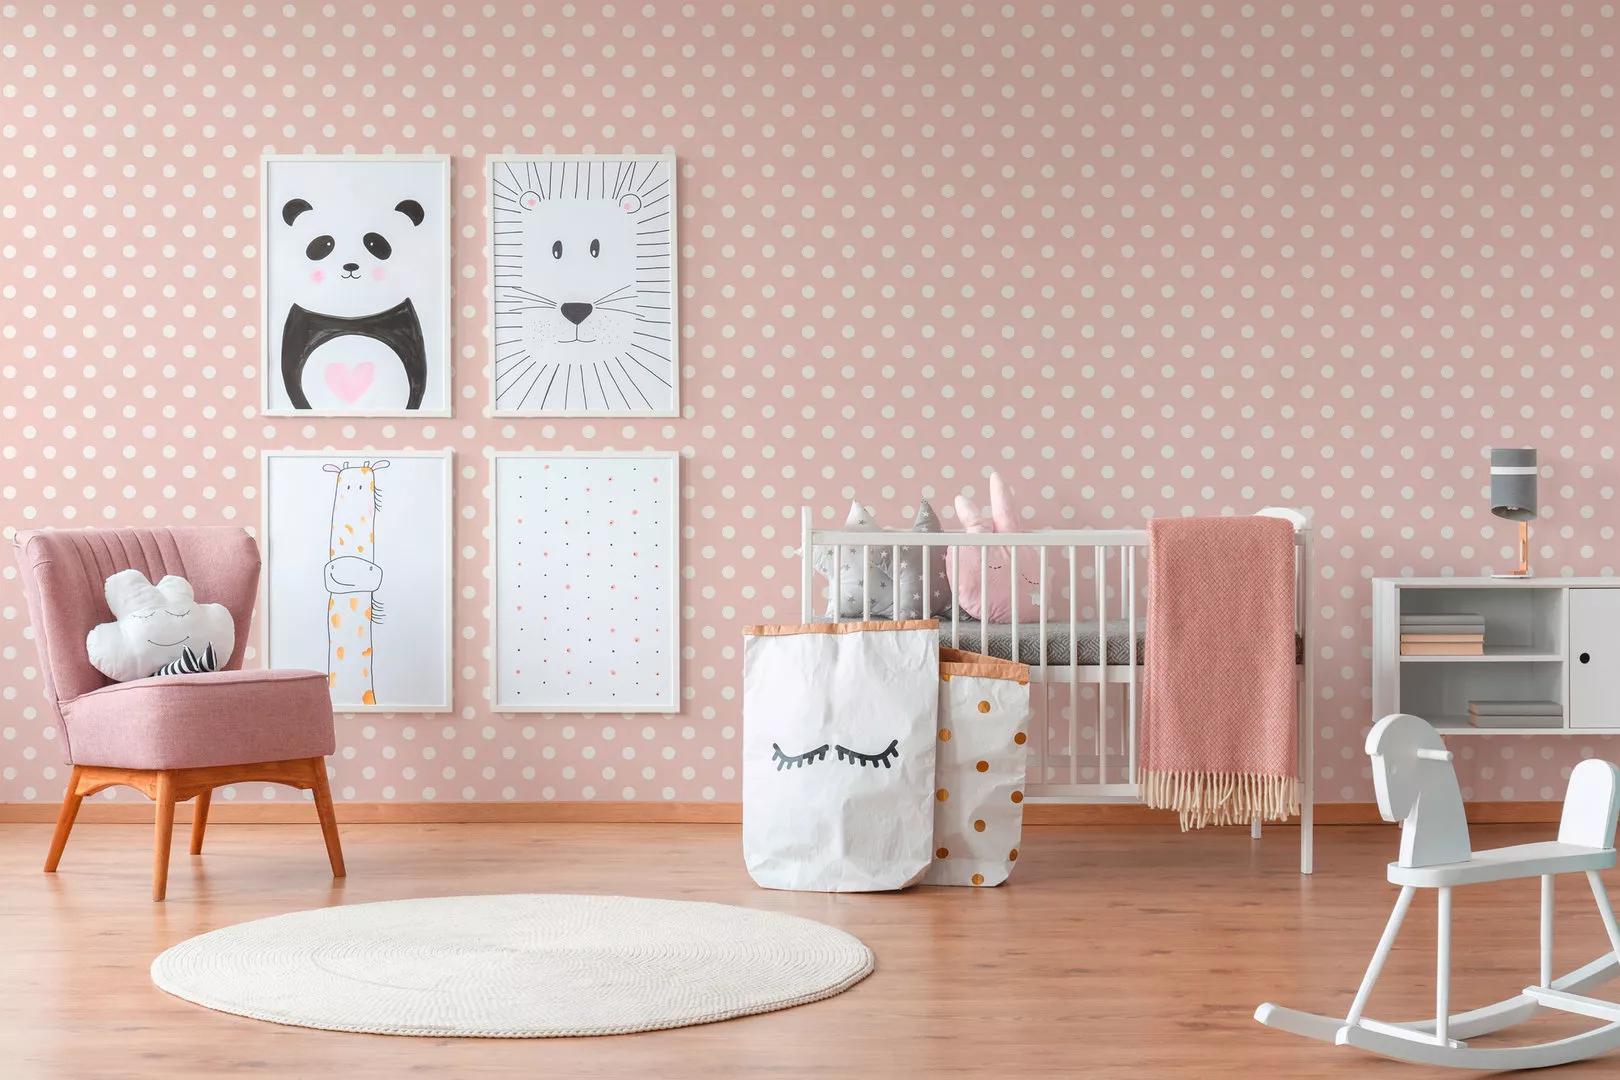 Pöttyös mintás gyerek tapéta rózsaszín alapon fehér pöttyös mintával